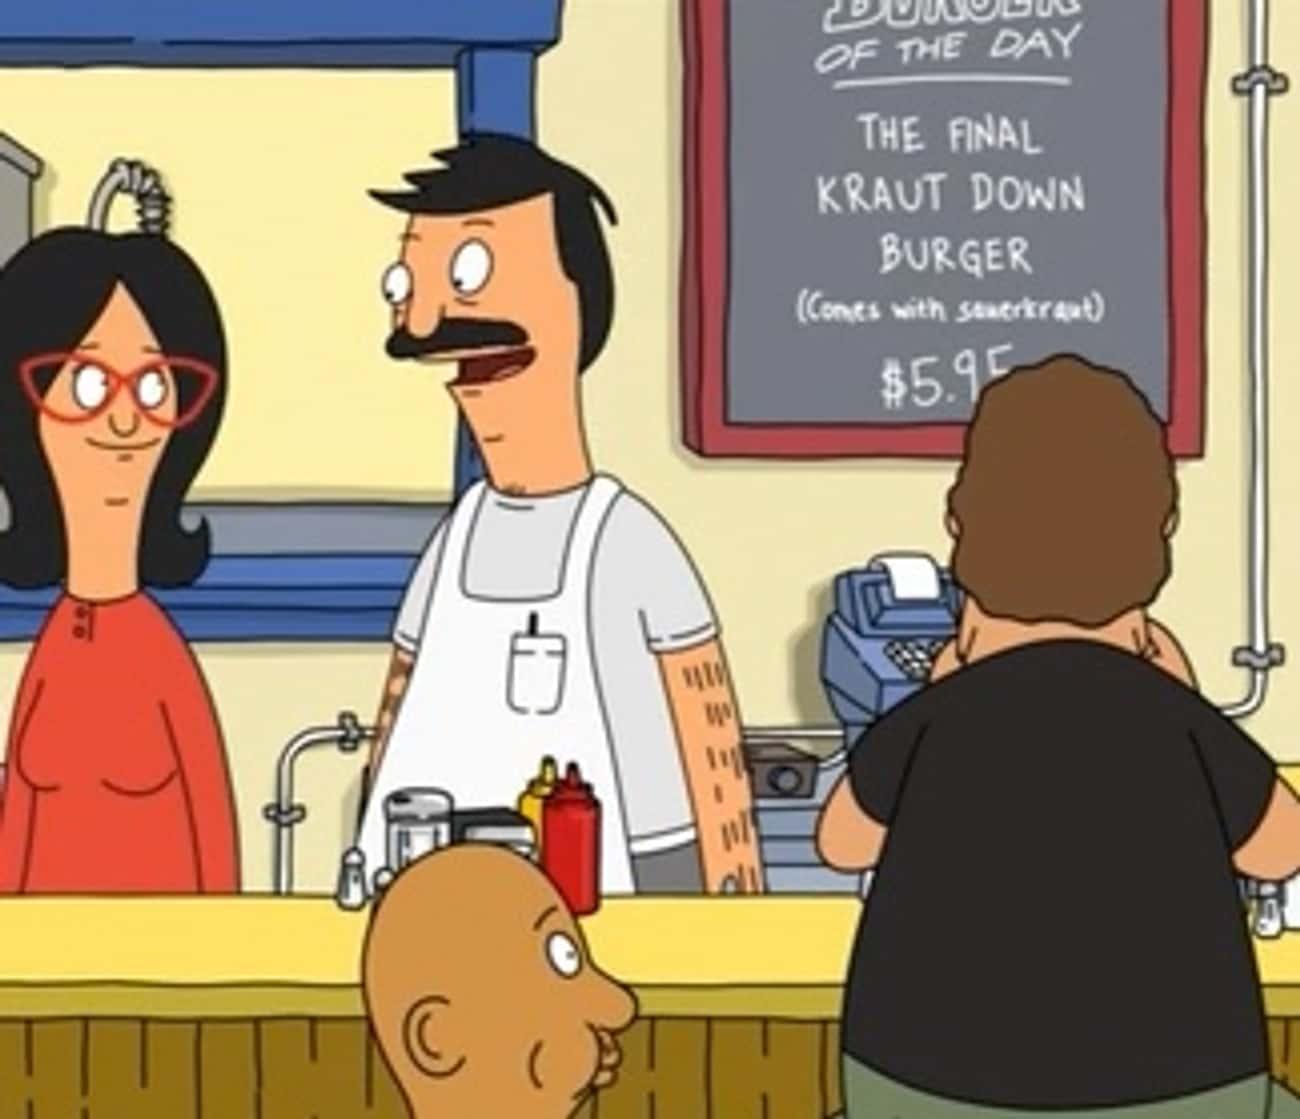 The Final Kraut Down Burger